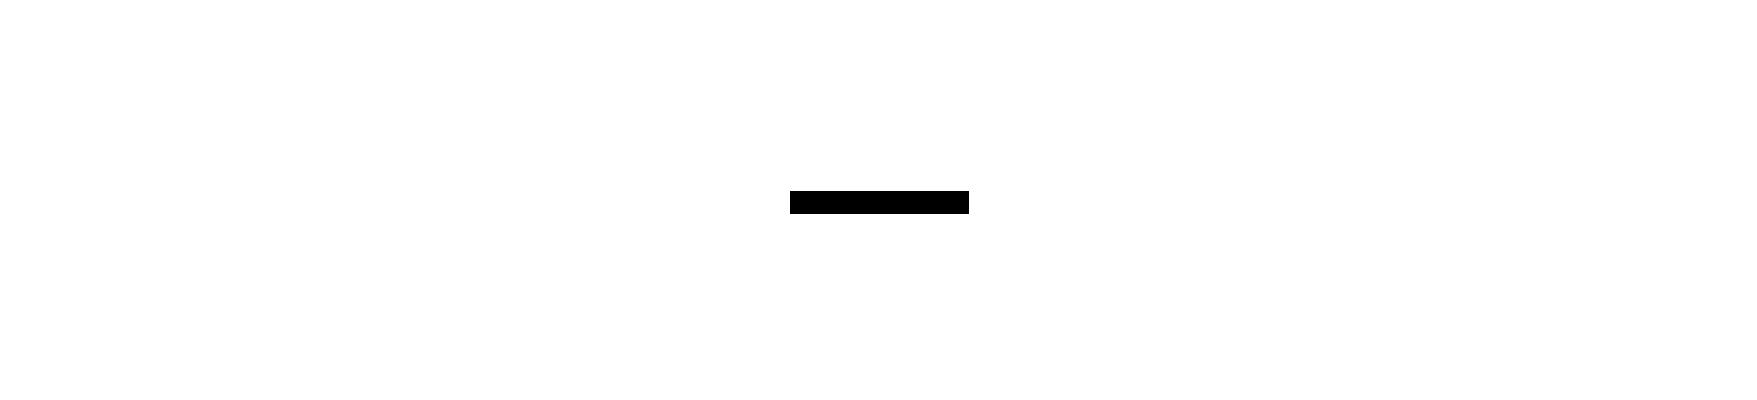 BiltokiRS-copie-27